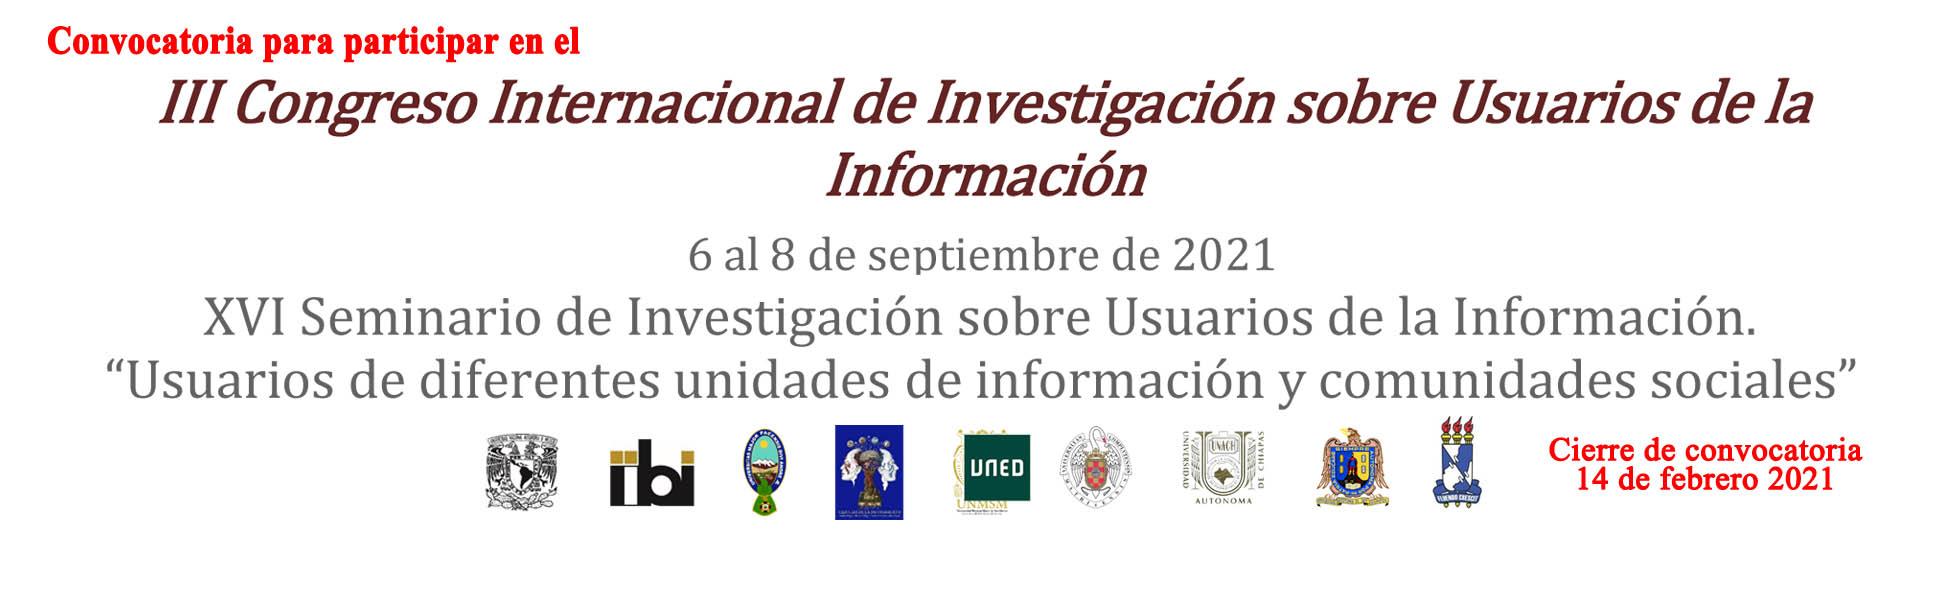 III CONGRESO INTERNACIONAL DE INVESTIGACION SOBRE USUARIOS DE LA INFORMACIÓN